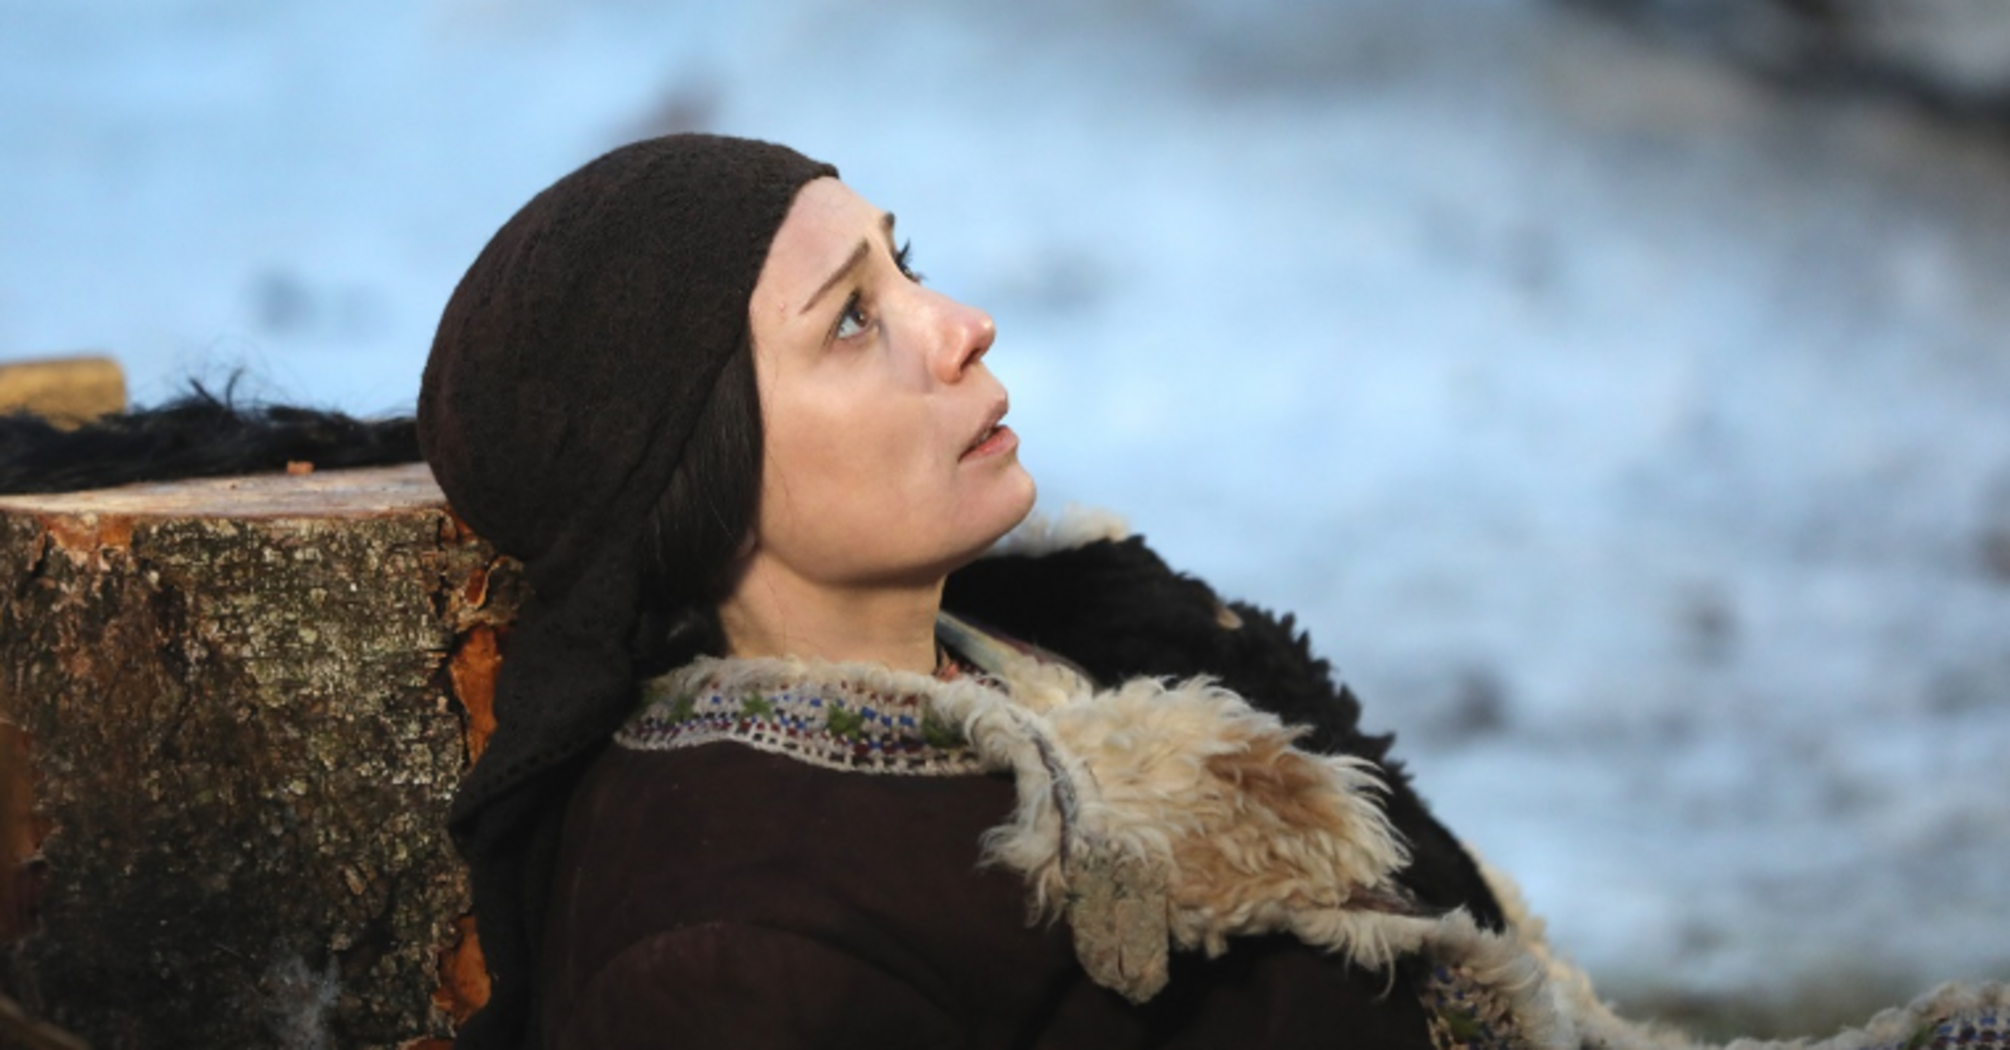 Зулейха відкриває очі: опис, актори і ролі, відгуки, де дивитися серіал онлайн